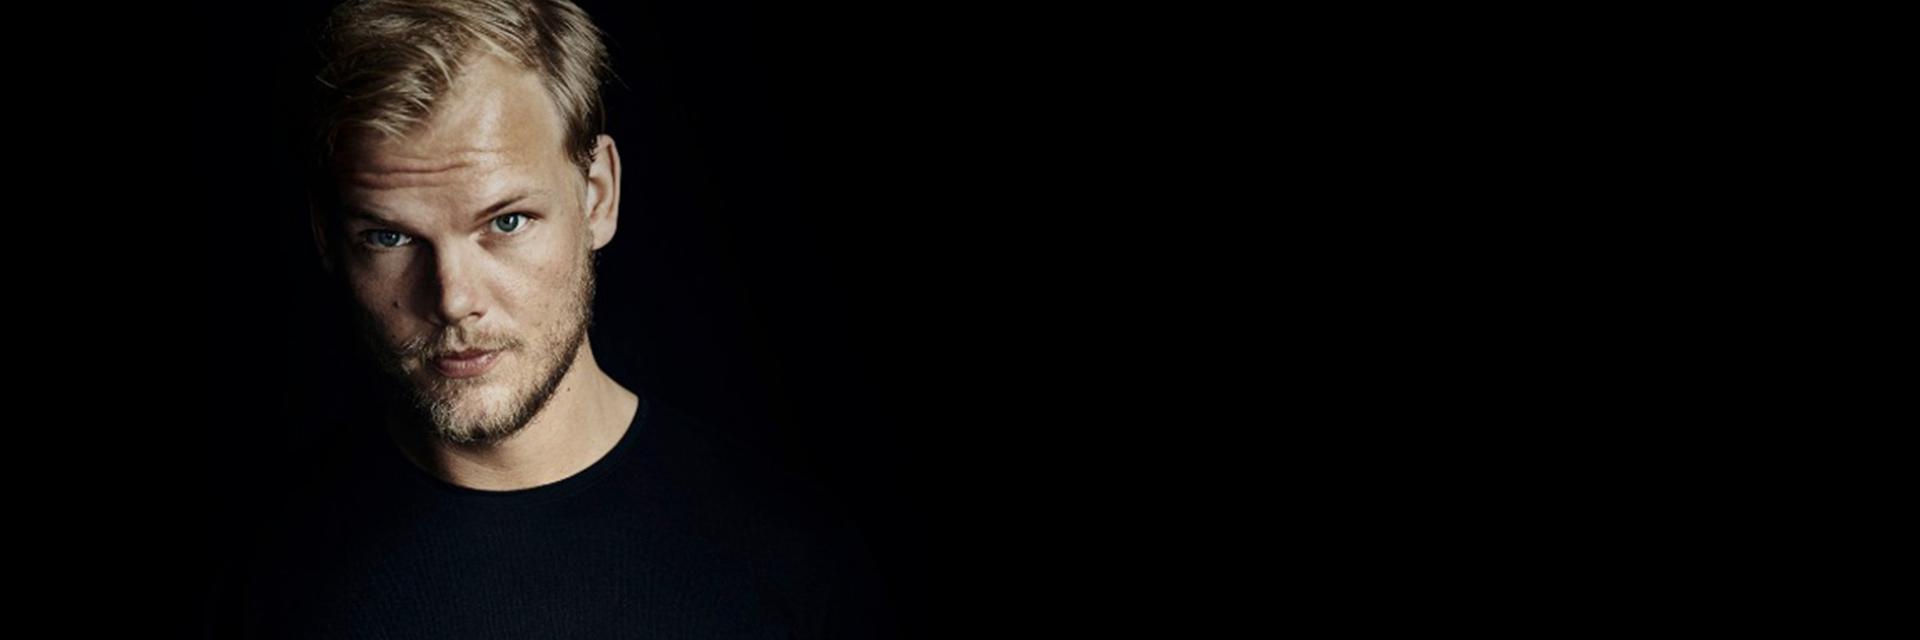 有洋蔥 這台機器讓歌迷感動落淚! EDM天王 艾維奇最後力作 終於完整問世